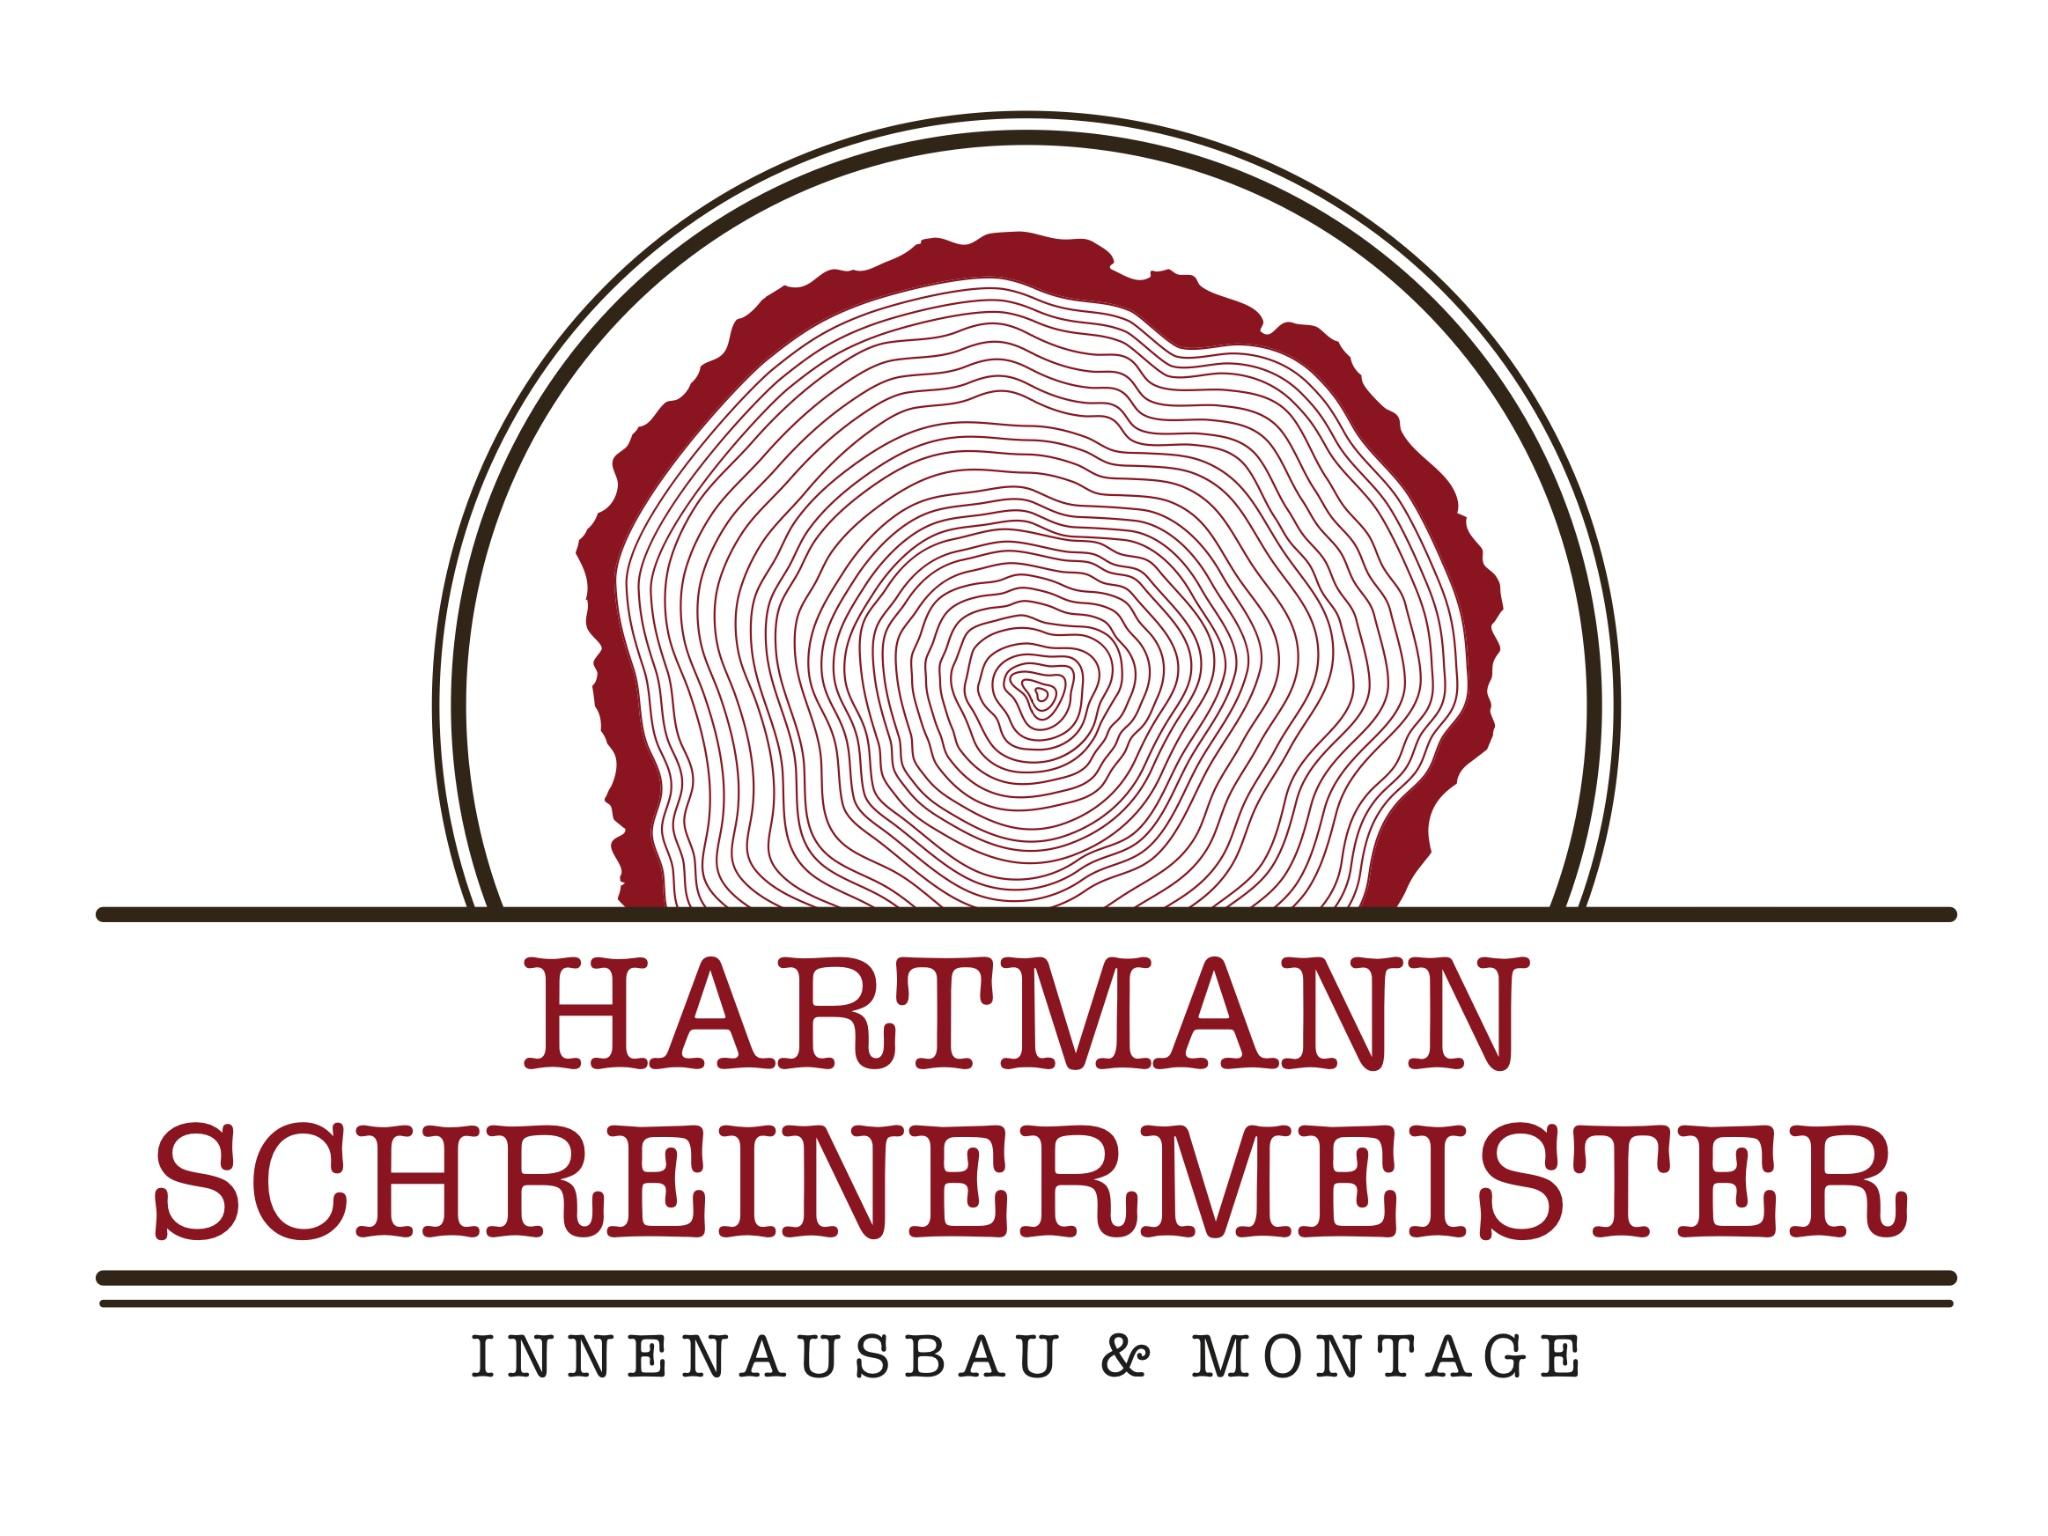 Schreinerei Hartmann